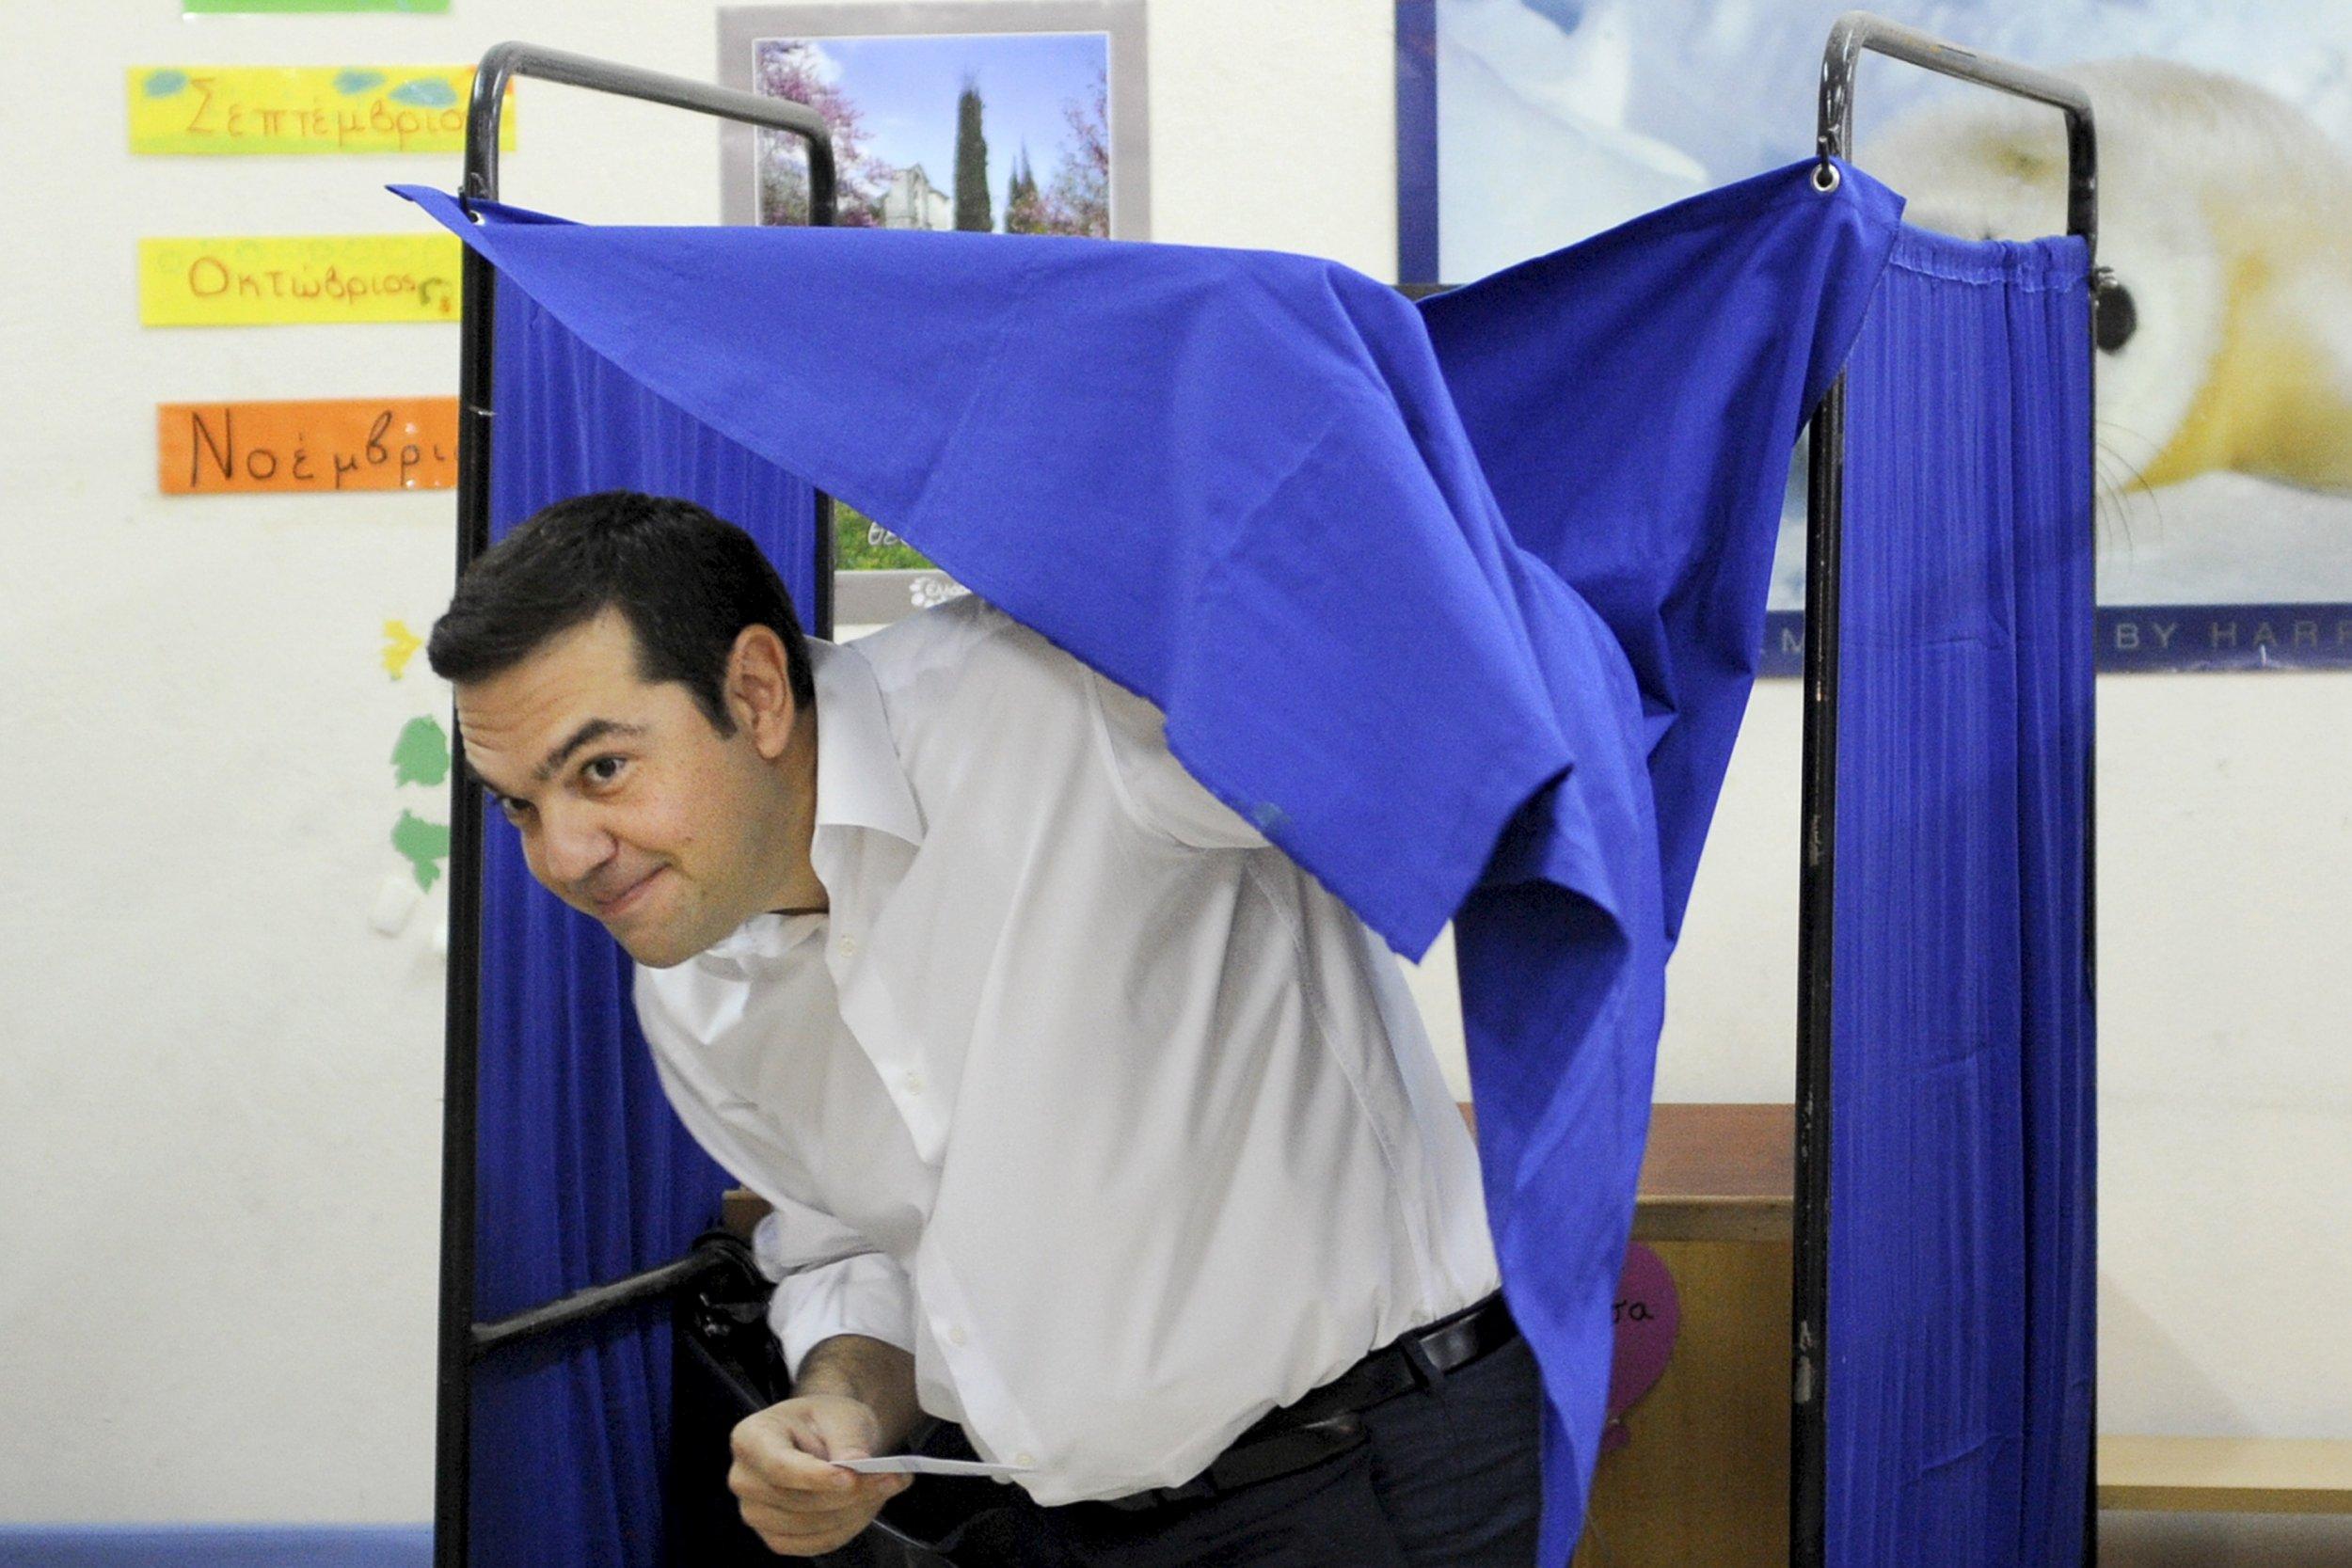 09_20_2015_tsipras_greece